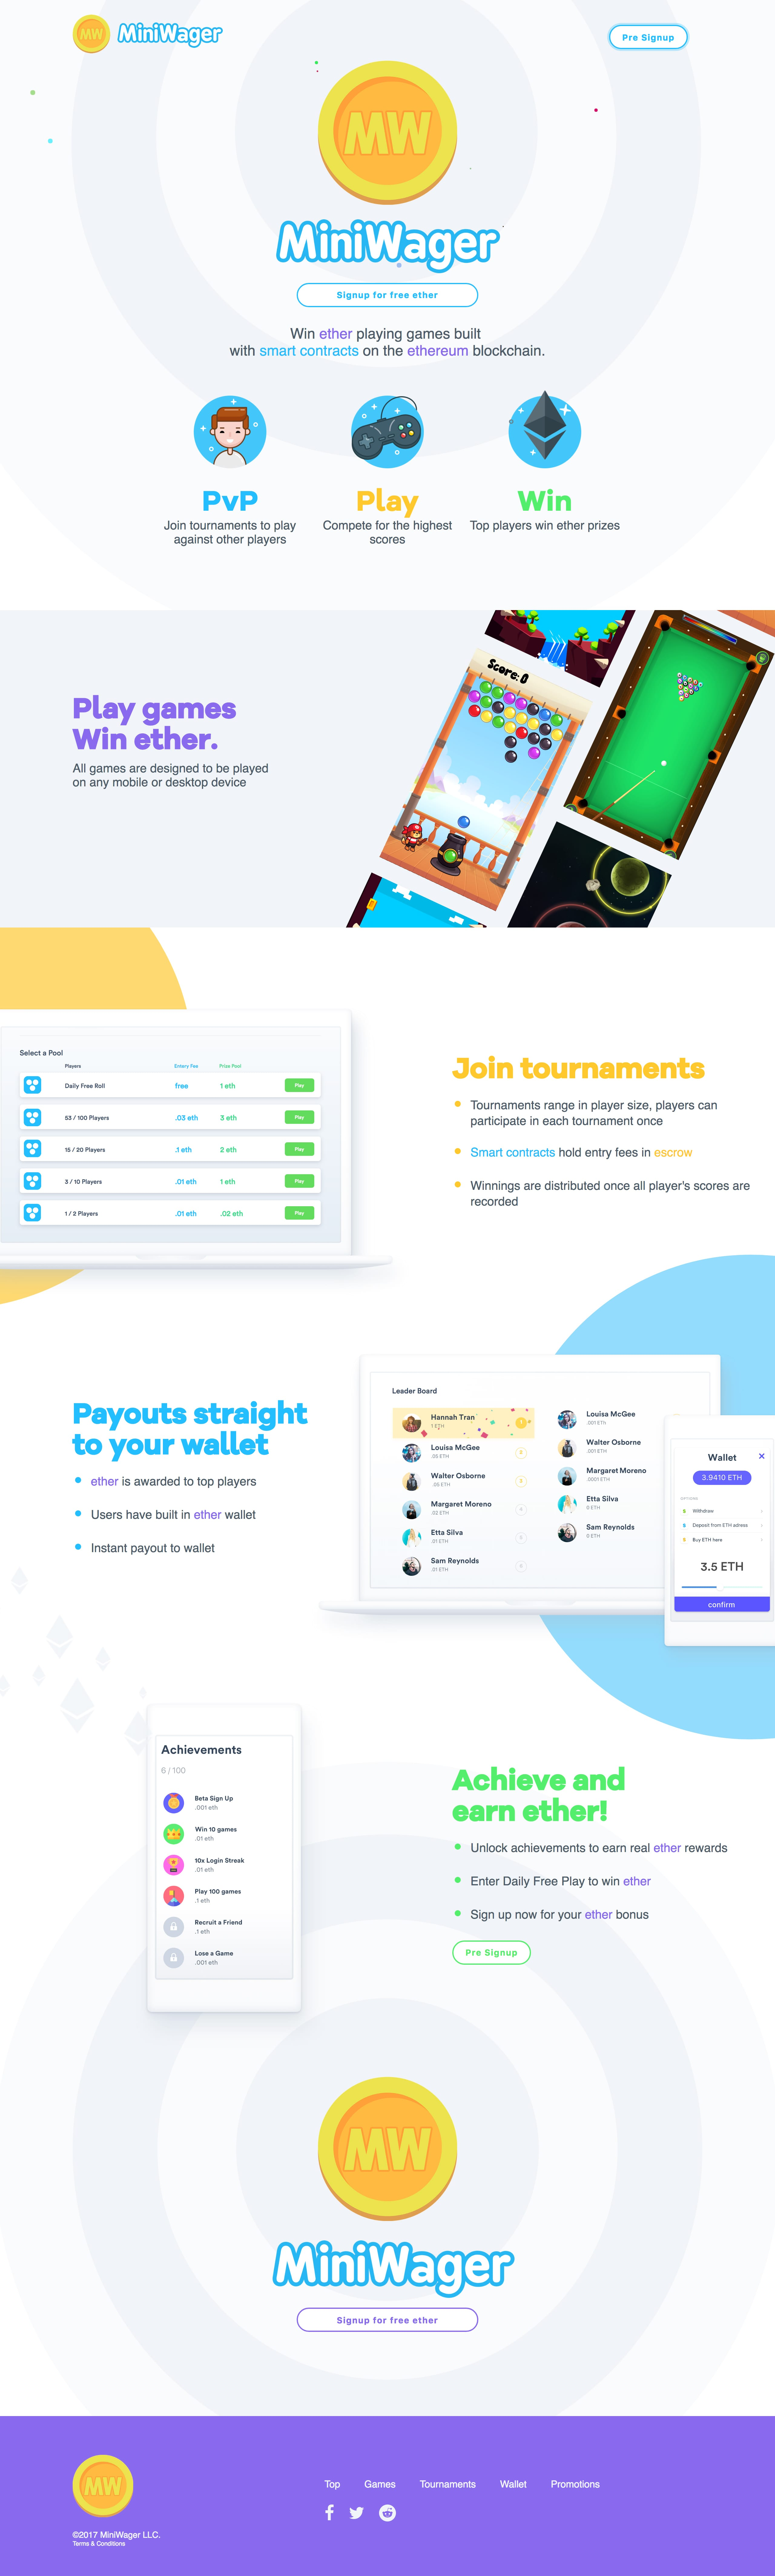 MiniWager Website Screenshot